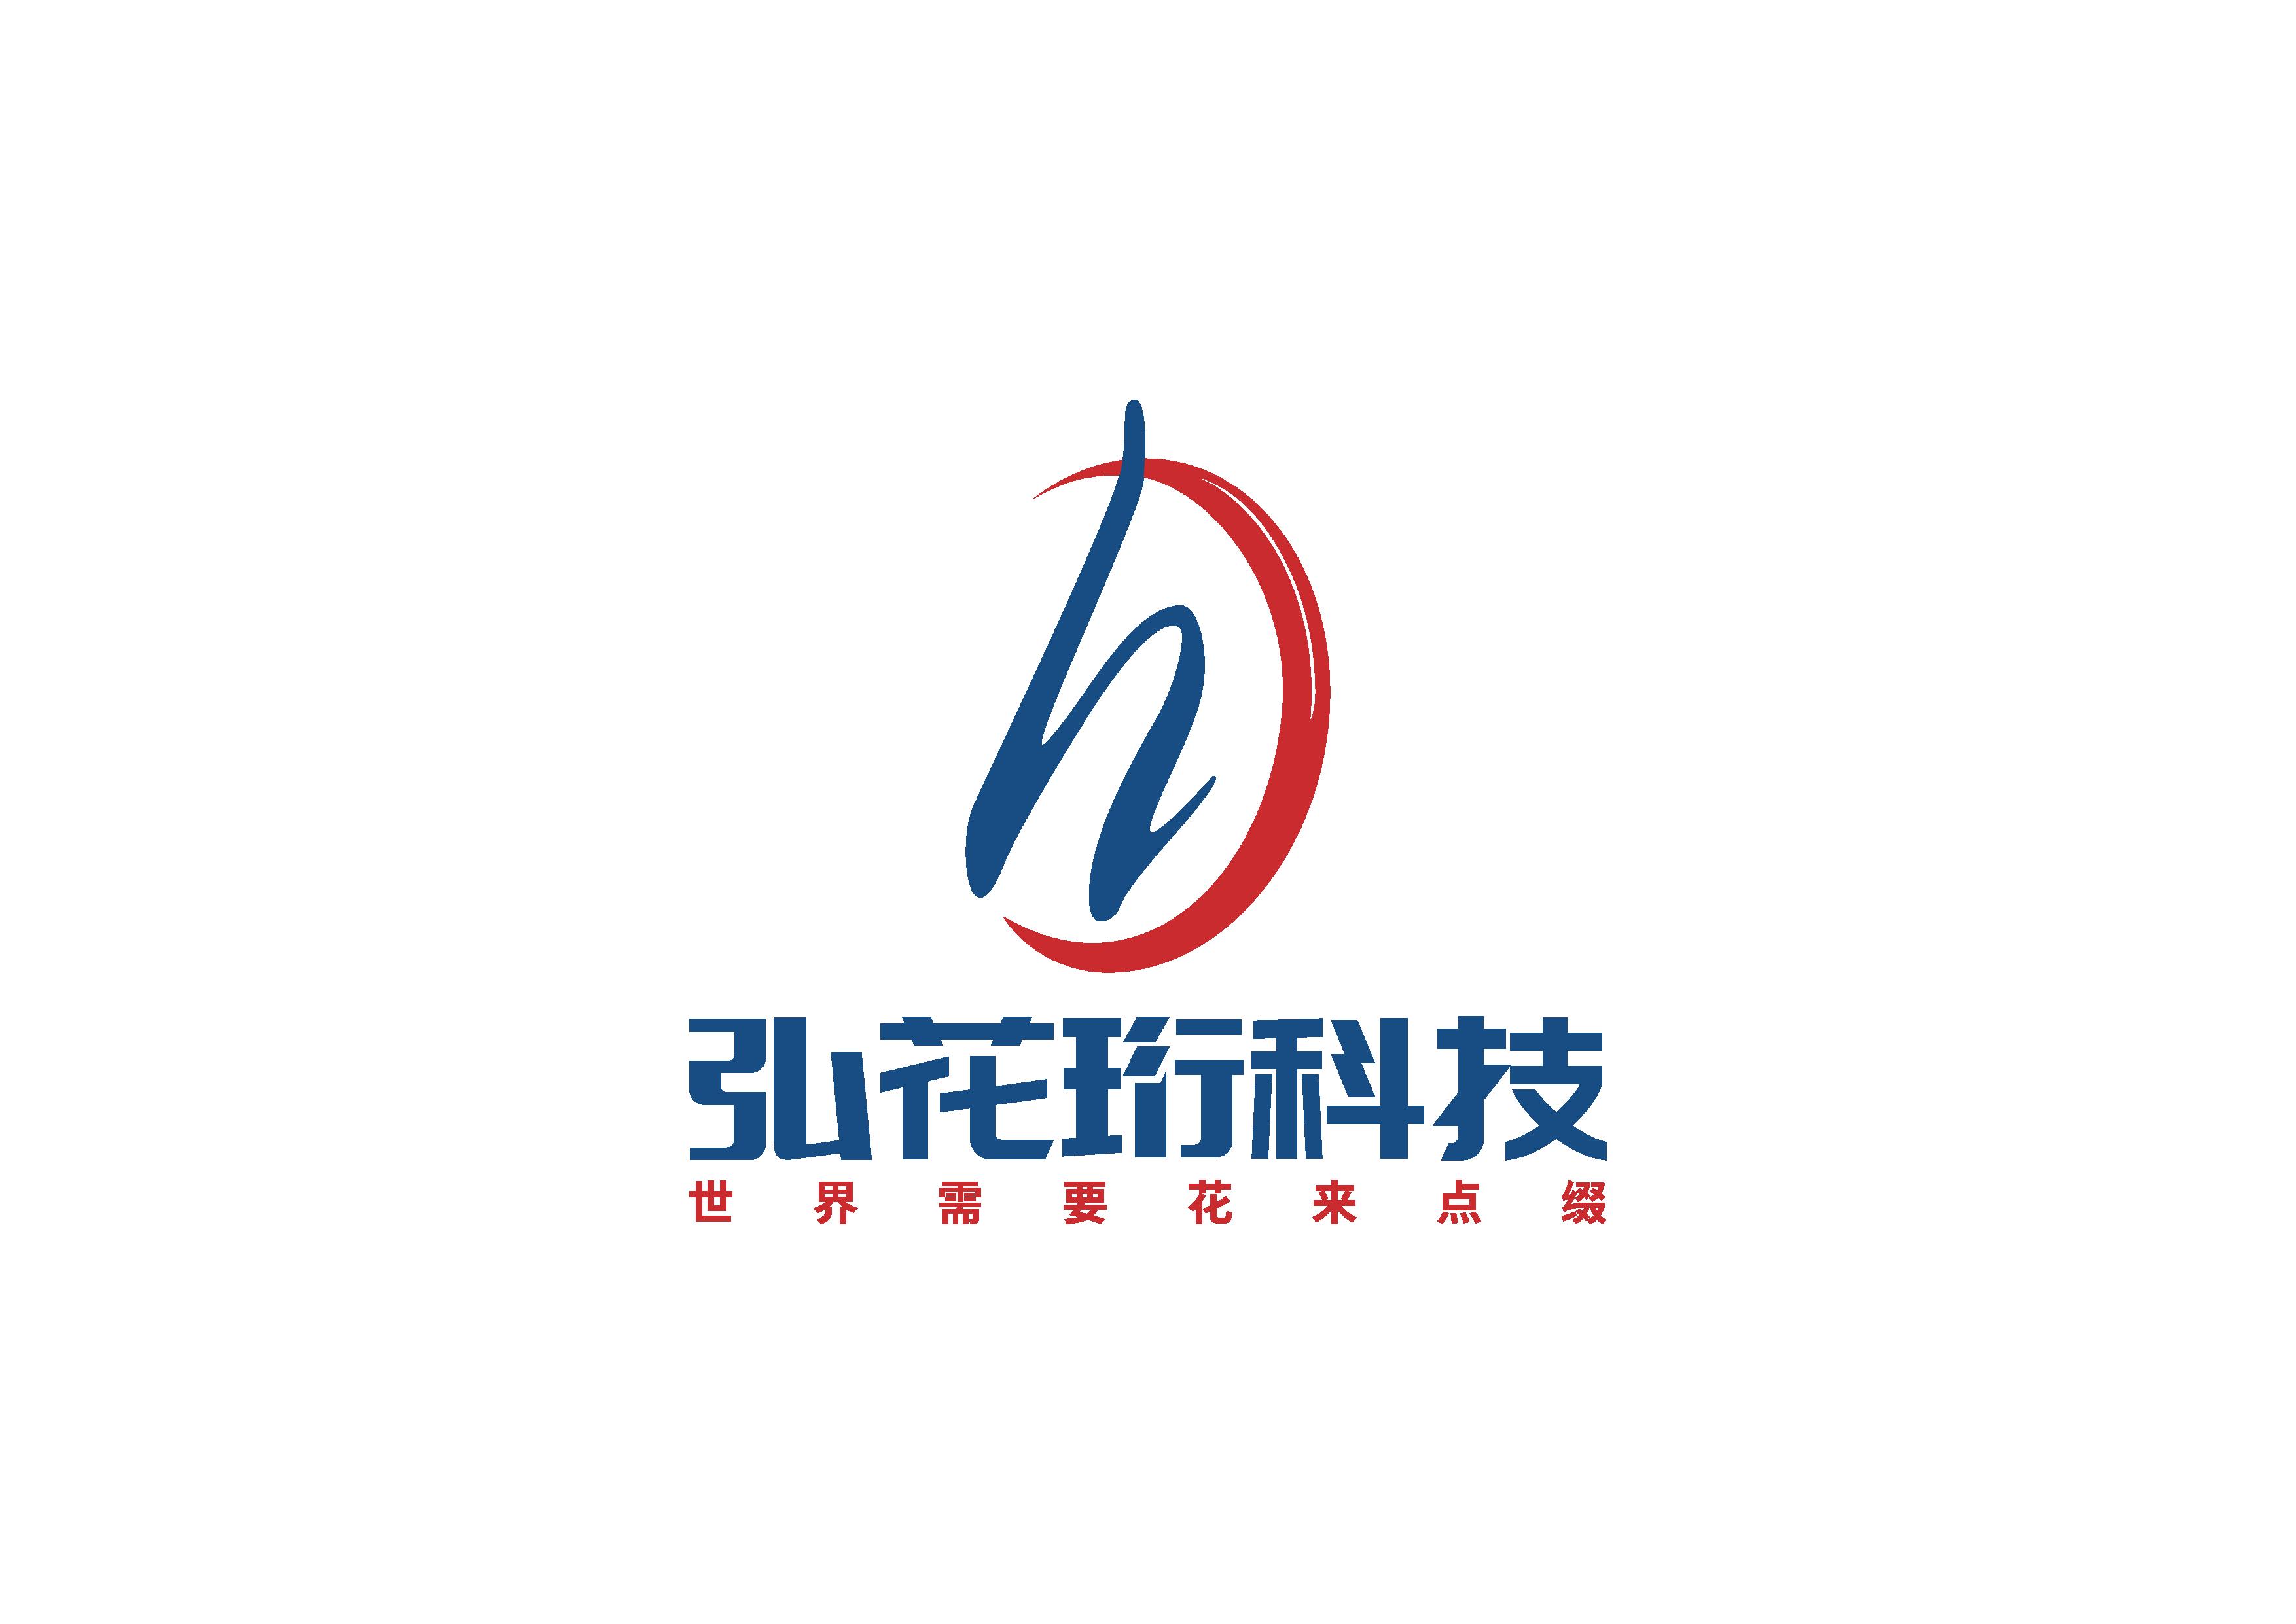 佛山市弘花珩科技有限公司主网站